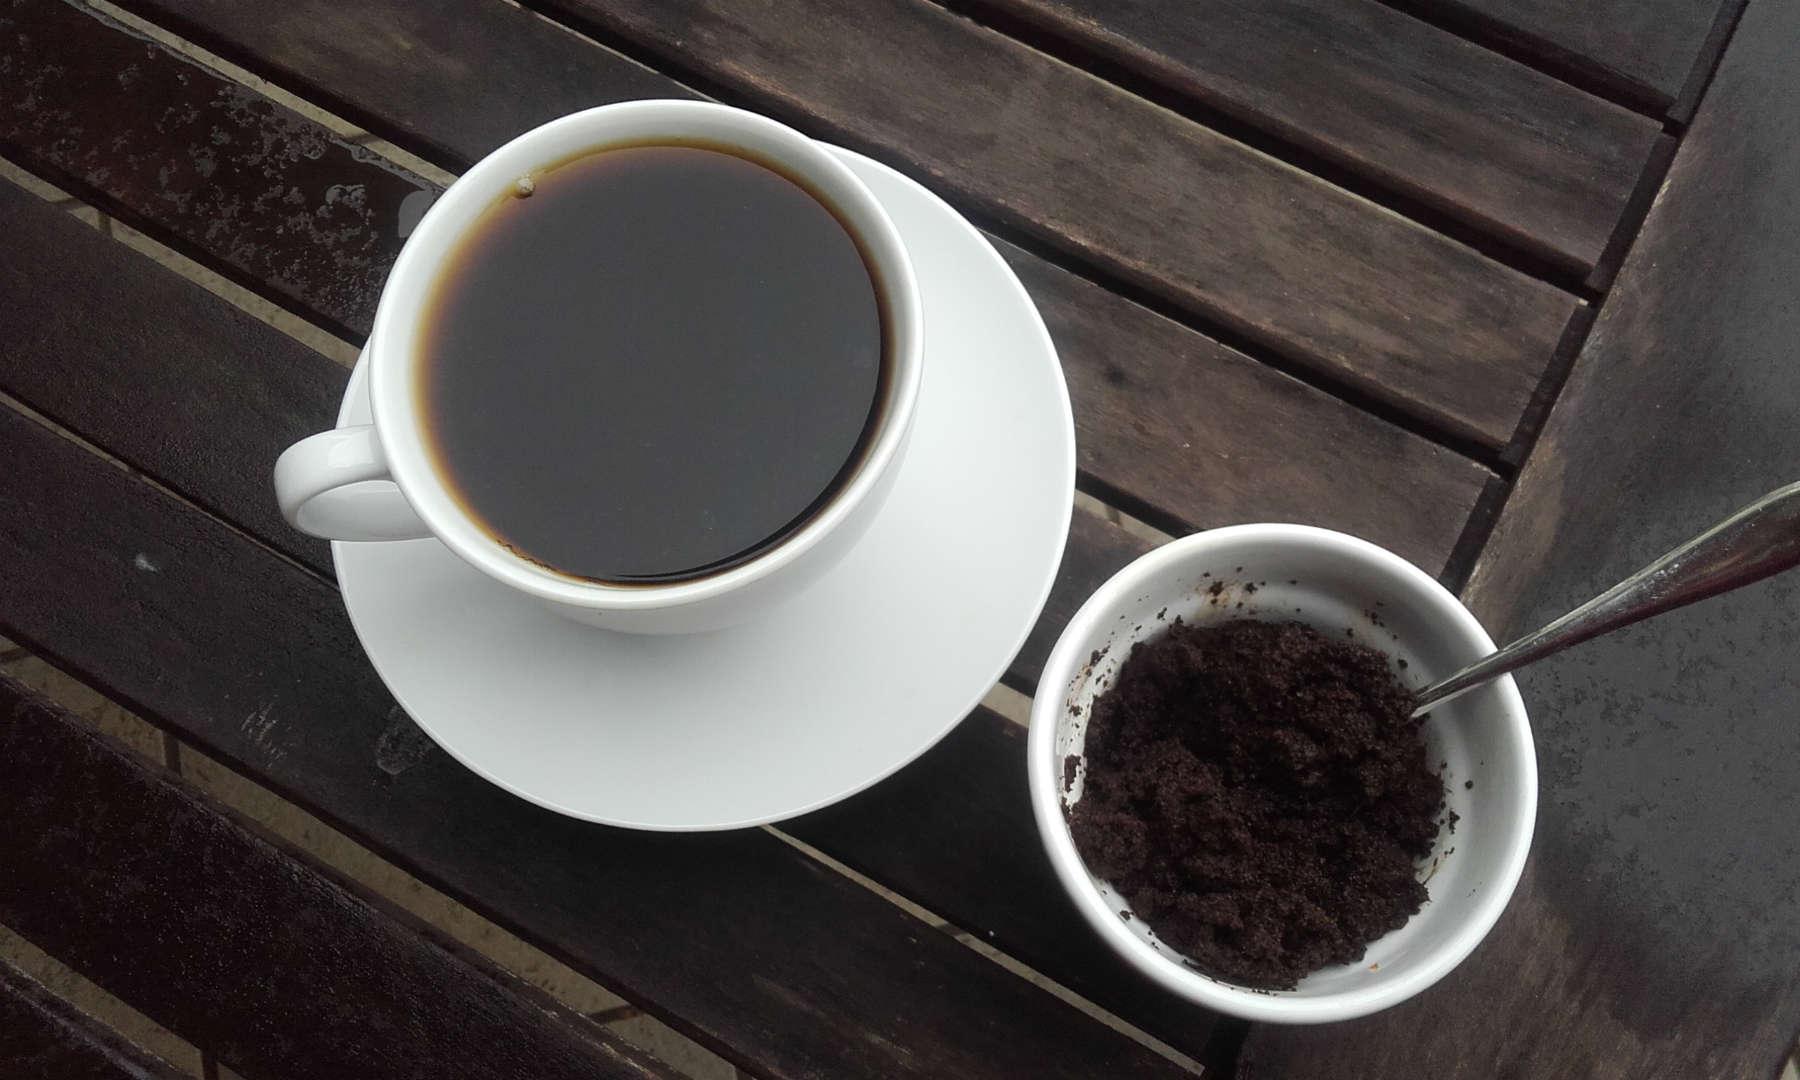 warum du deinen kaffeesatz nicht wegwerfen solltest veganblatt. Black Bedroom Furniture Sets. Home Design Ideas